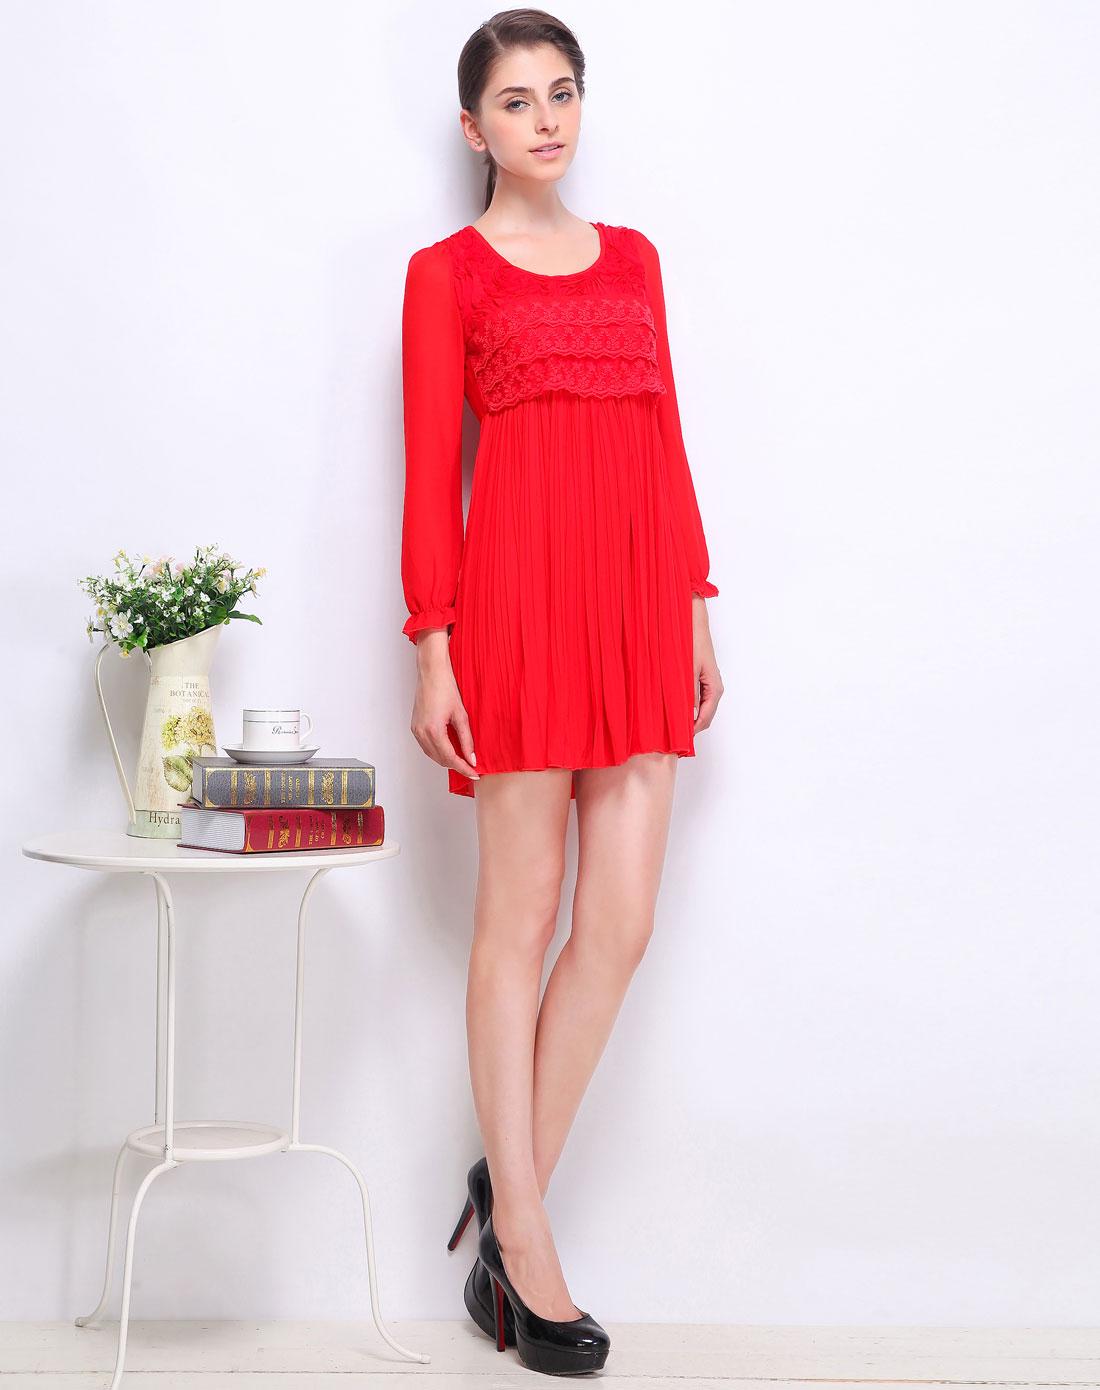 久拉拉jiulala女款红色蕾丝拼雪纺长袖连衣裙3656111